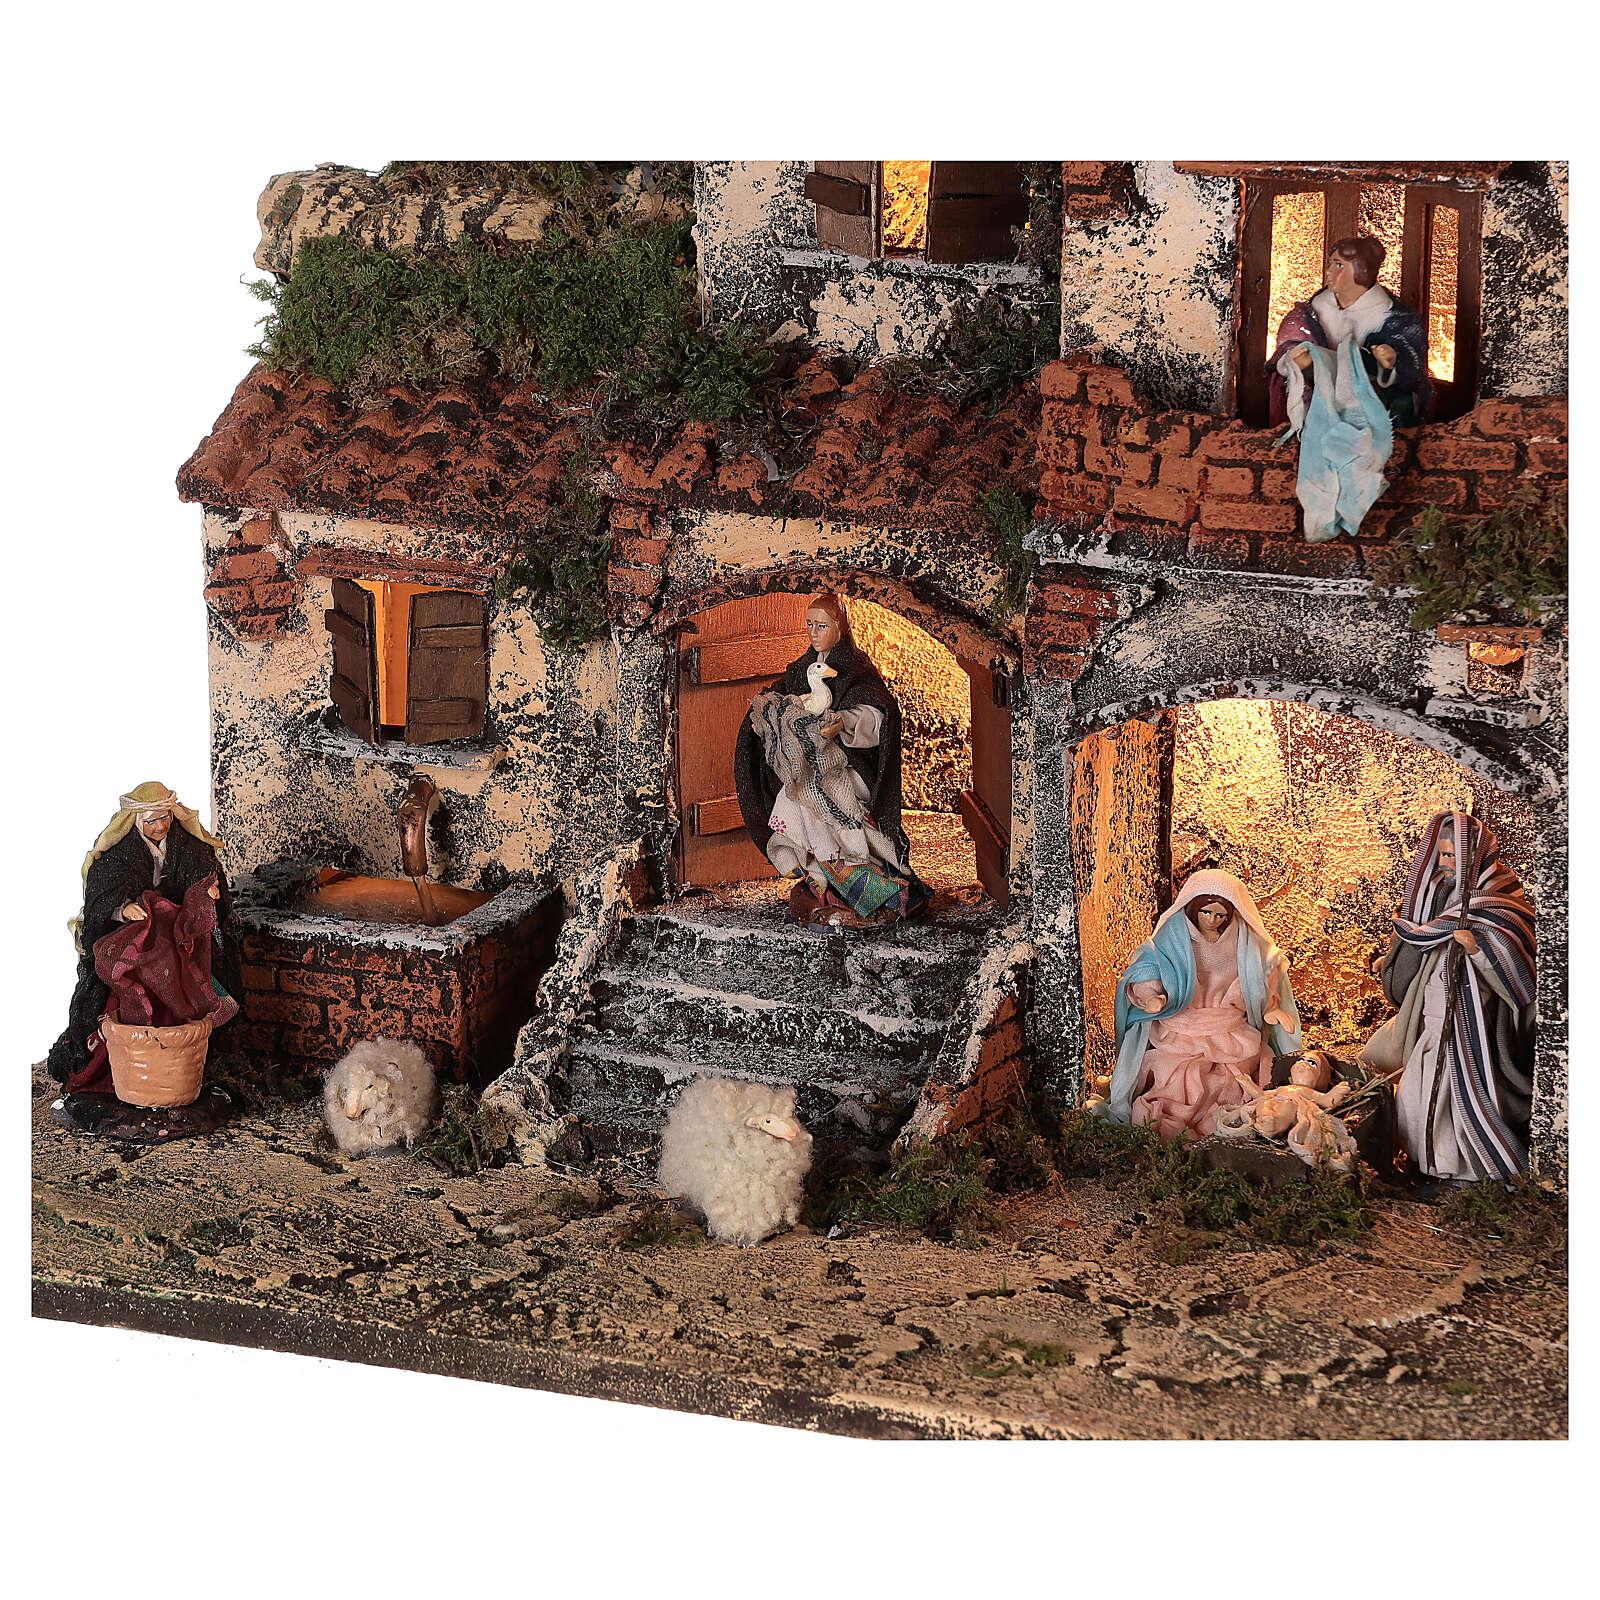 Presépio napolitano completo tijolos vermelhos, ovelhas e fonte, figuras altura média 8 cm, 45x50x30 cm 4